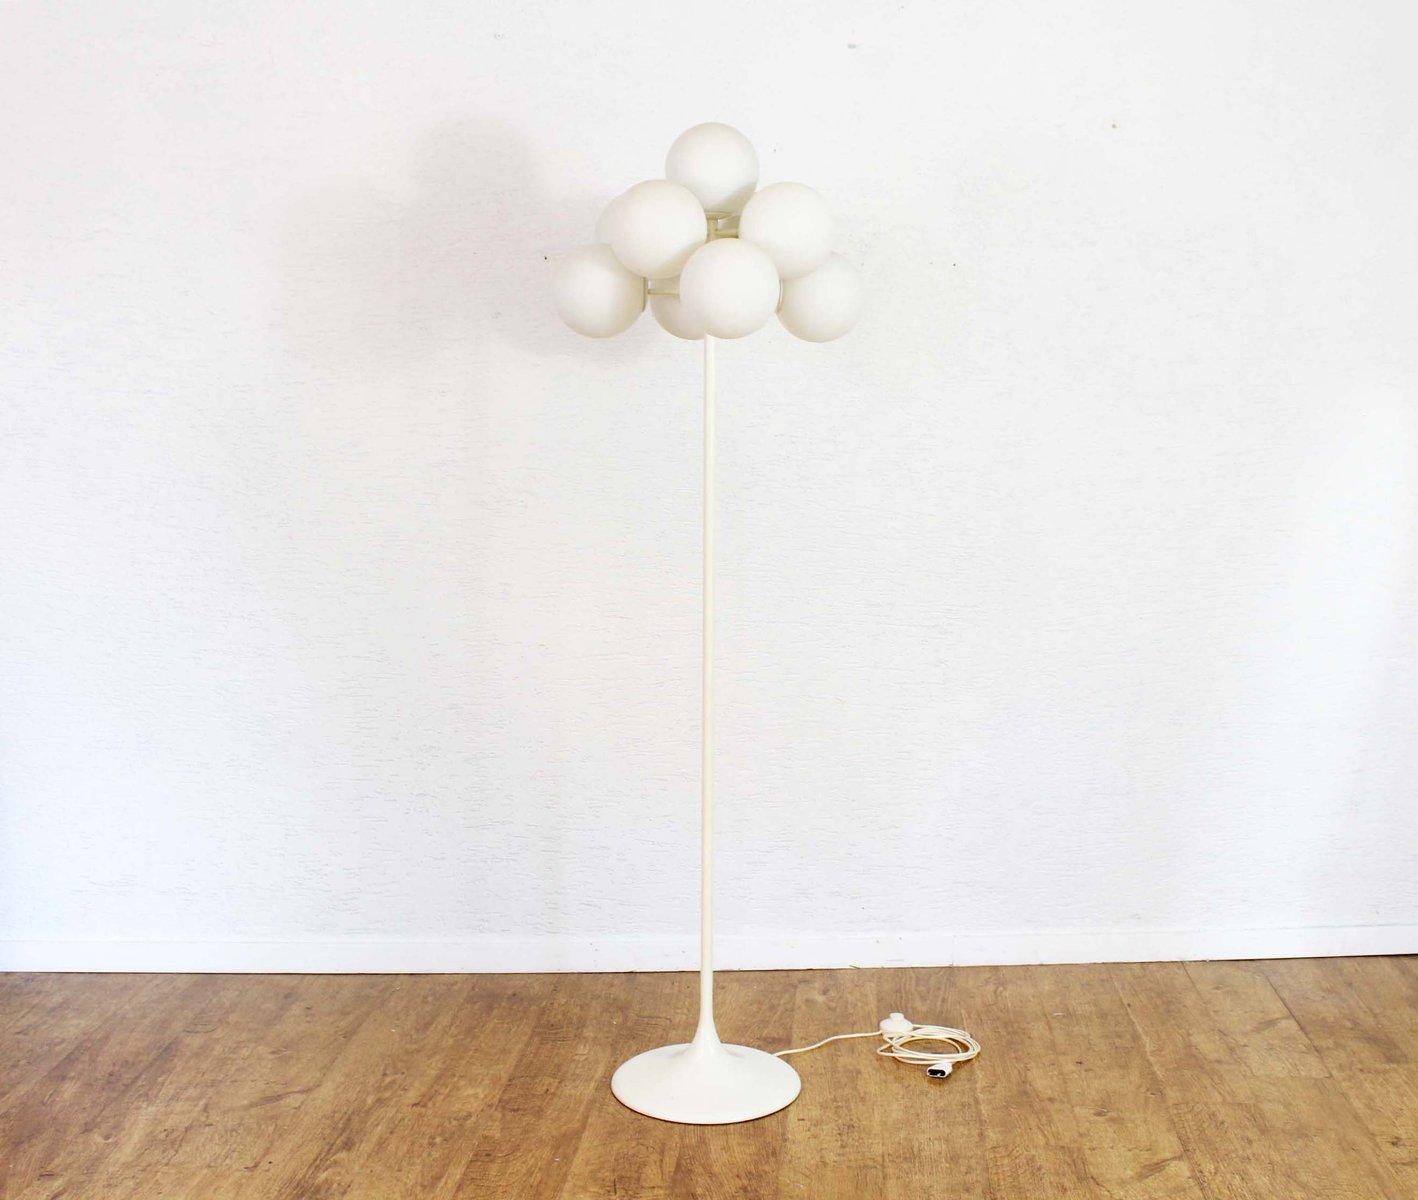 Vintage Stehlampe von Max Bill für Temde